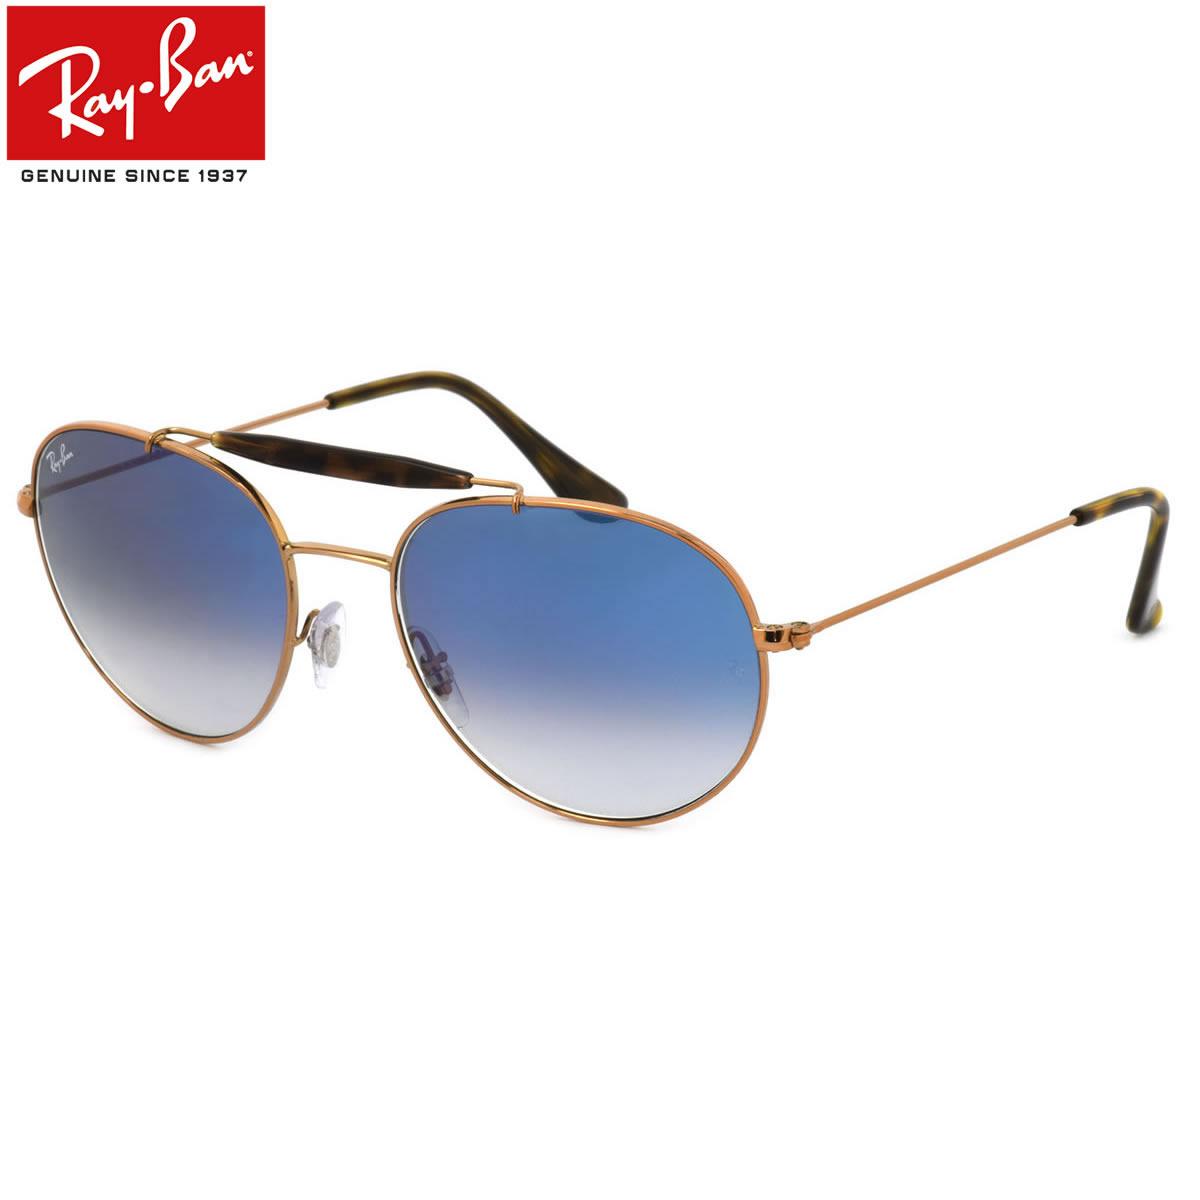 レイバン サングラス Ray-Ban RB3540 90353F 53サイズ 56サイズ レイバン RAYBAN 9035/3F OUTDOORSMAN アウトドアーズマン ツーブリッジ ダブルブリッジ ROUND ラウンド ボストン 丸メガネ べっ甲 べっこう ブルーレンズ メンズ レディース